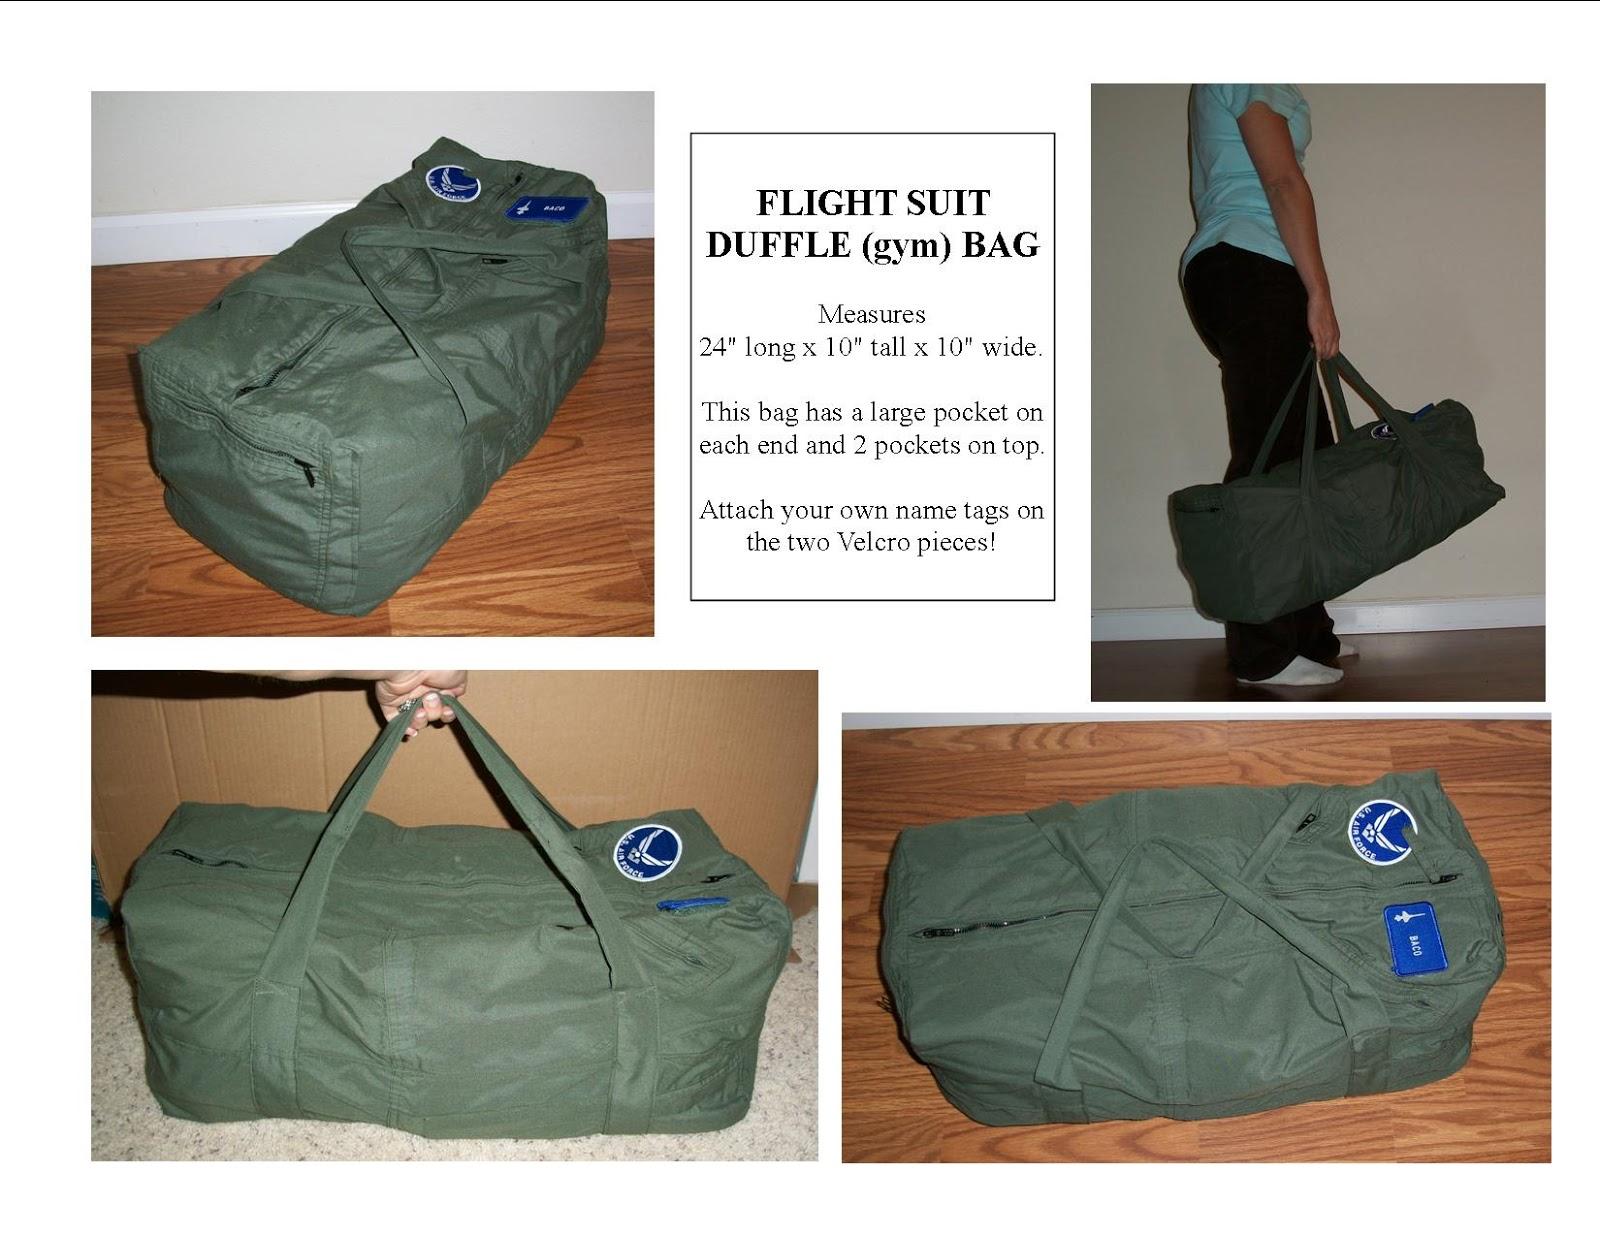 348e8697e8 A Simple Dimple  Flight Suit Duffle (gym) Bag